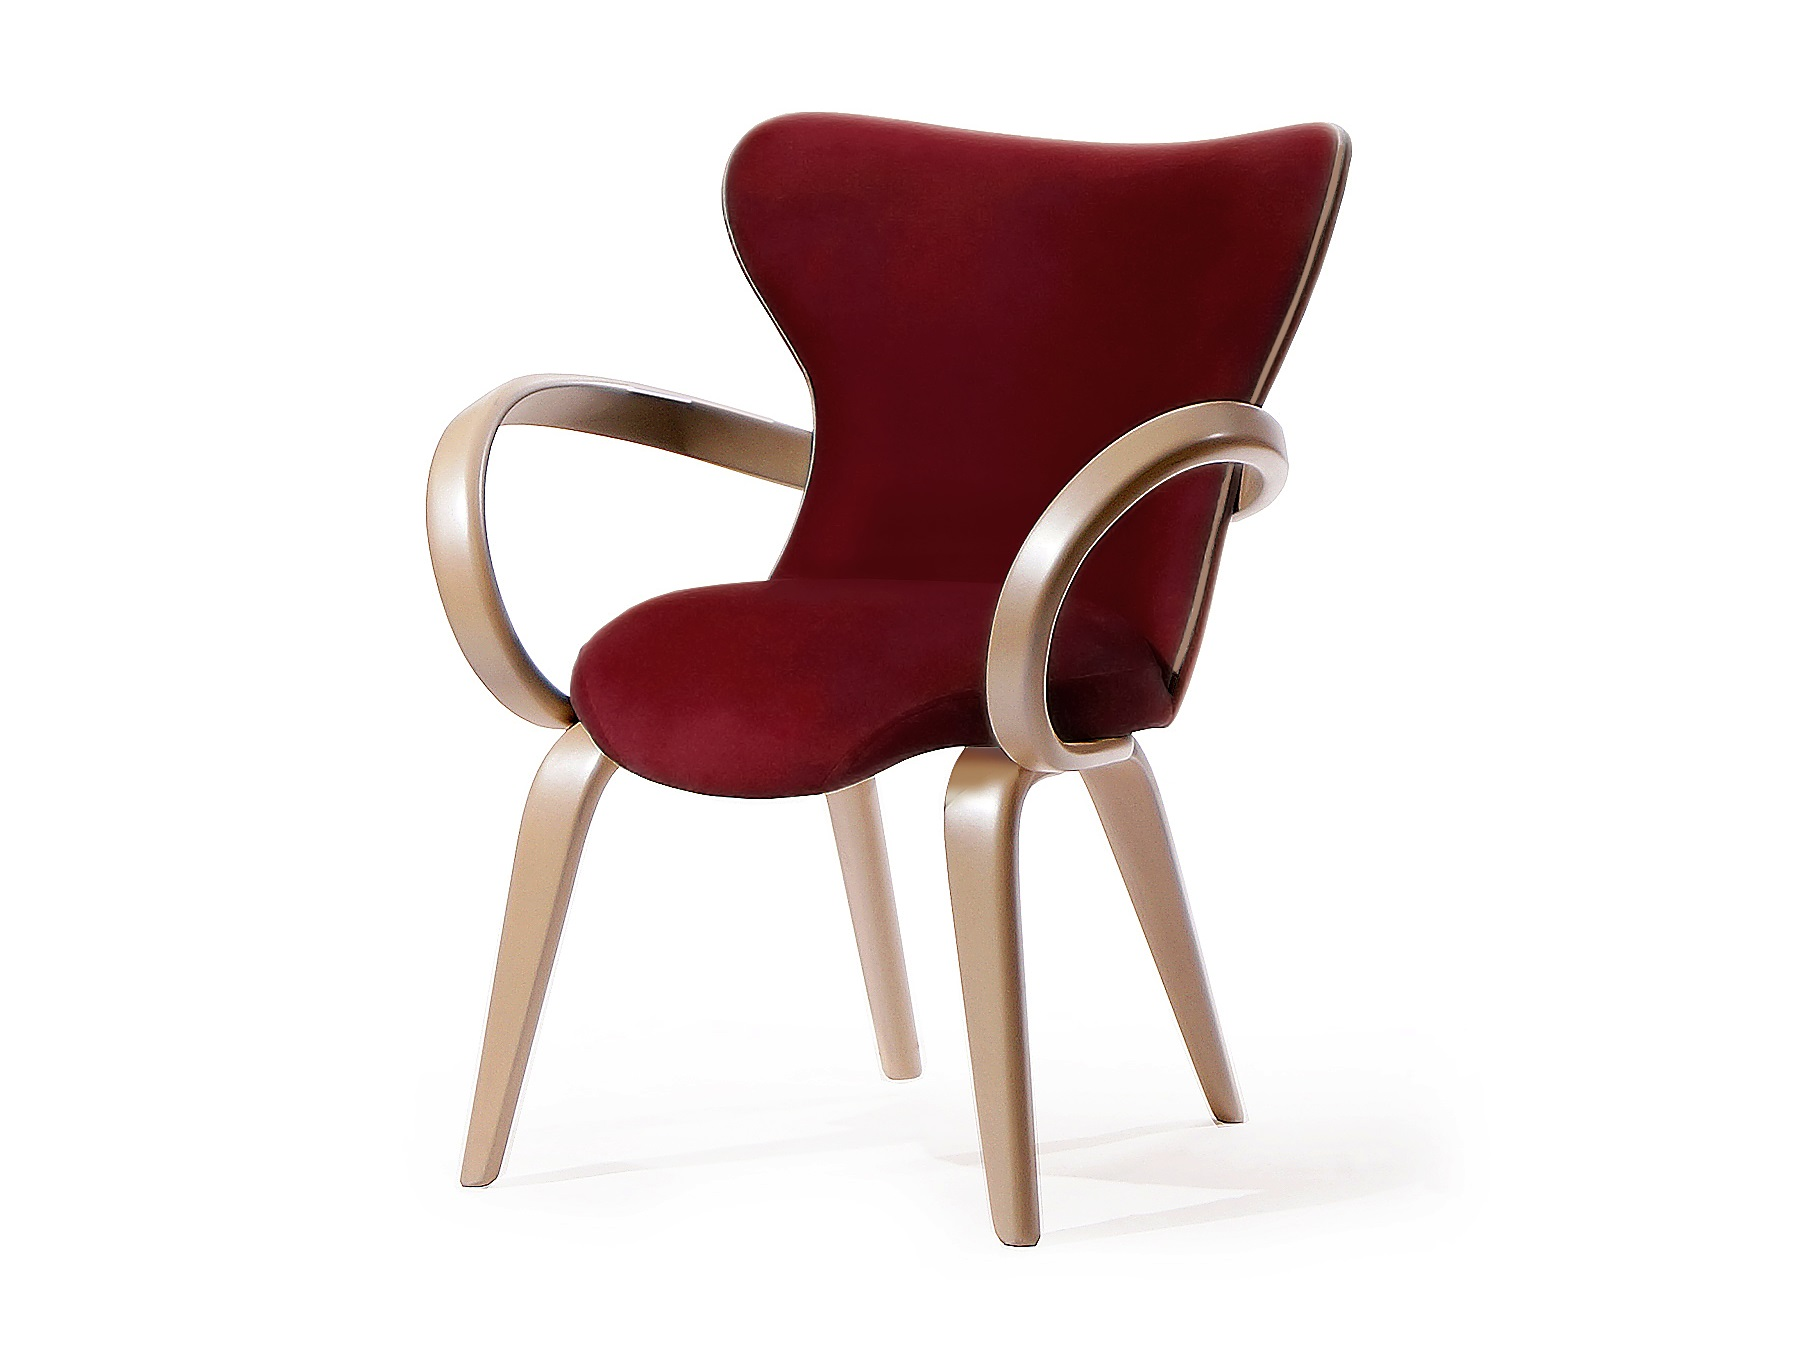 Стул  AprioriСтулья с подлокотниками<br>Изящный стул с подлокотниками из гнутого дерева. При сохранении визуальной легкости стул  остается  прочный и удобный.<br><br>Material: Береза<br>Ширина см: 62<br>Высота см: 85<br>Глубина см: 75